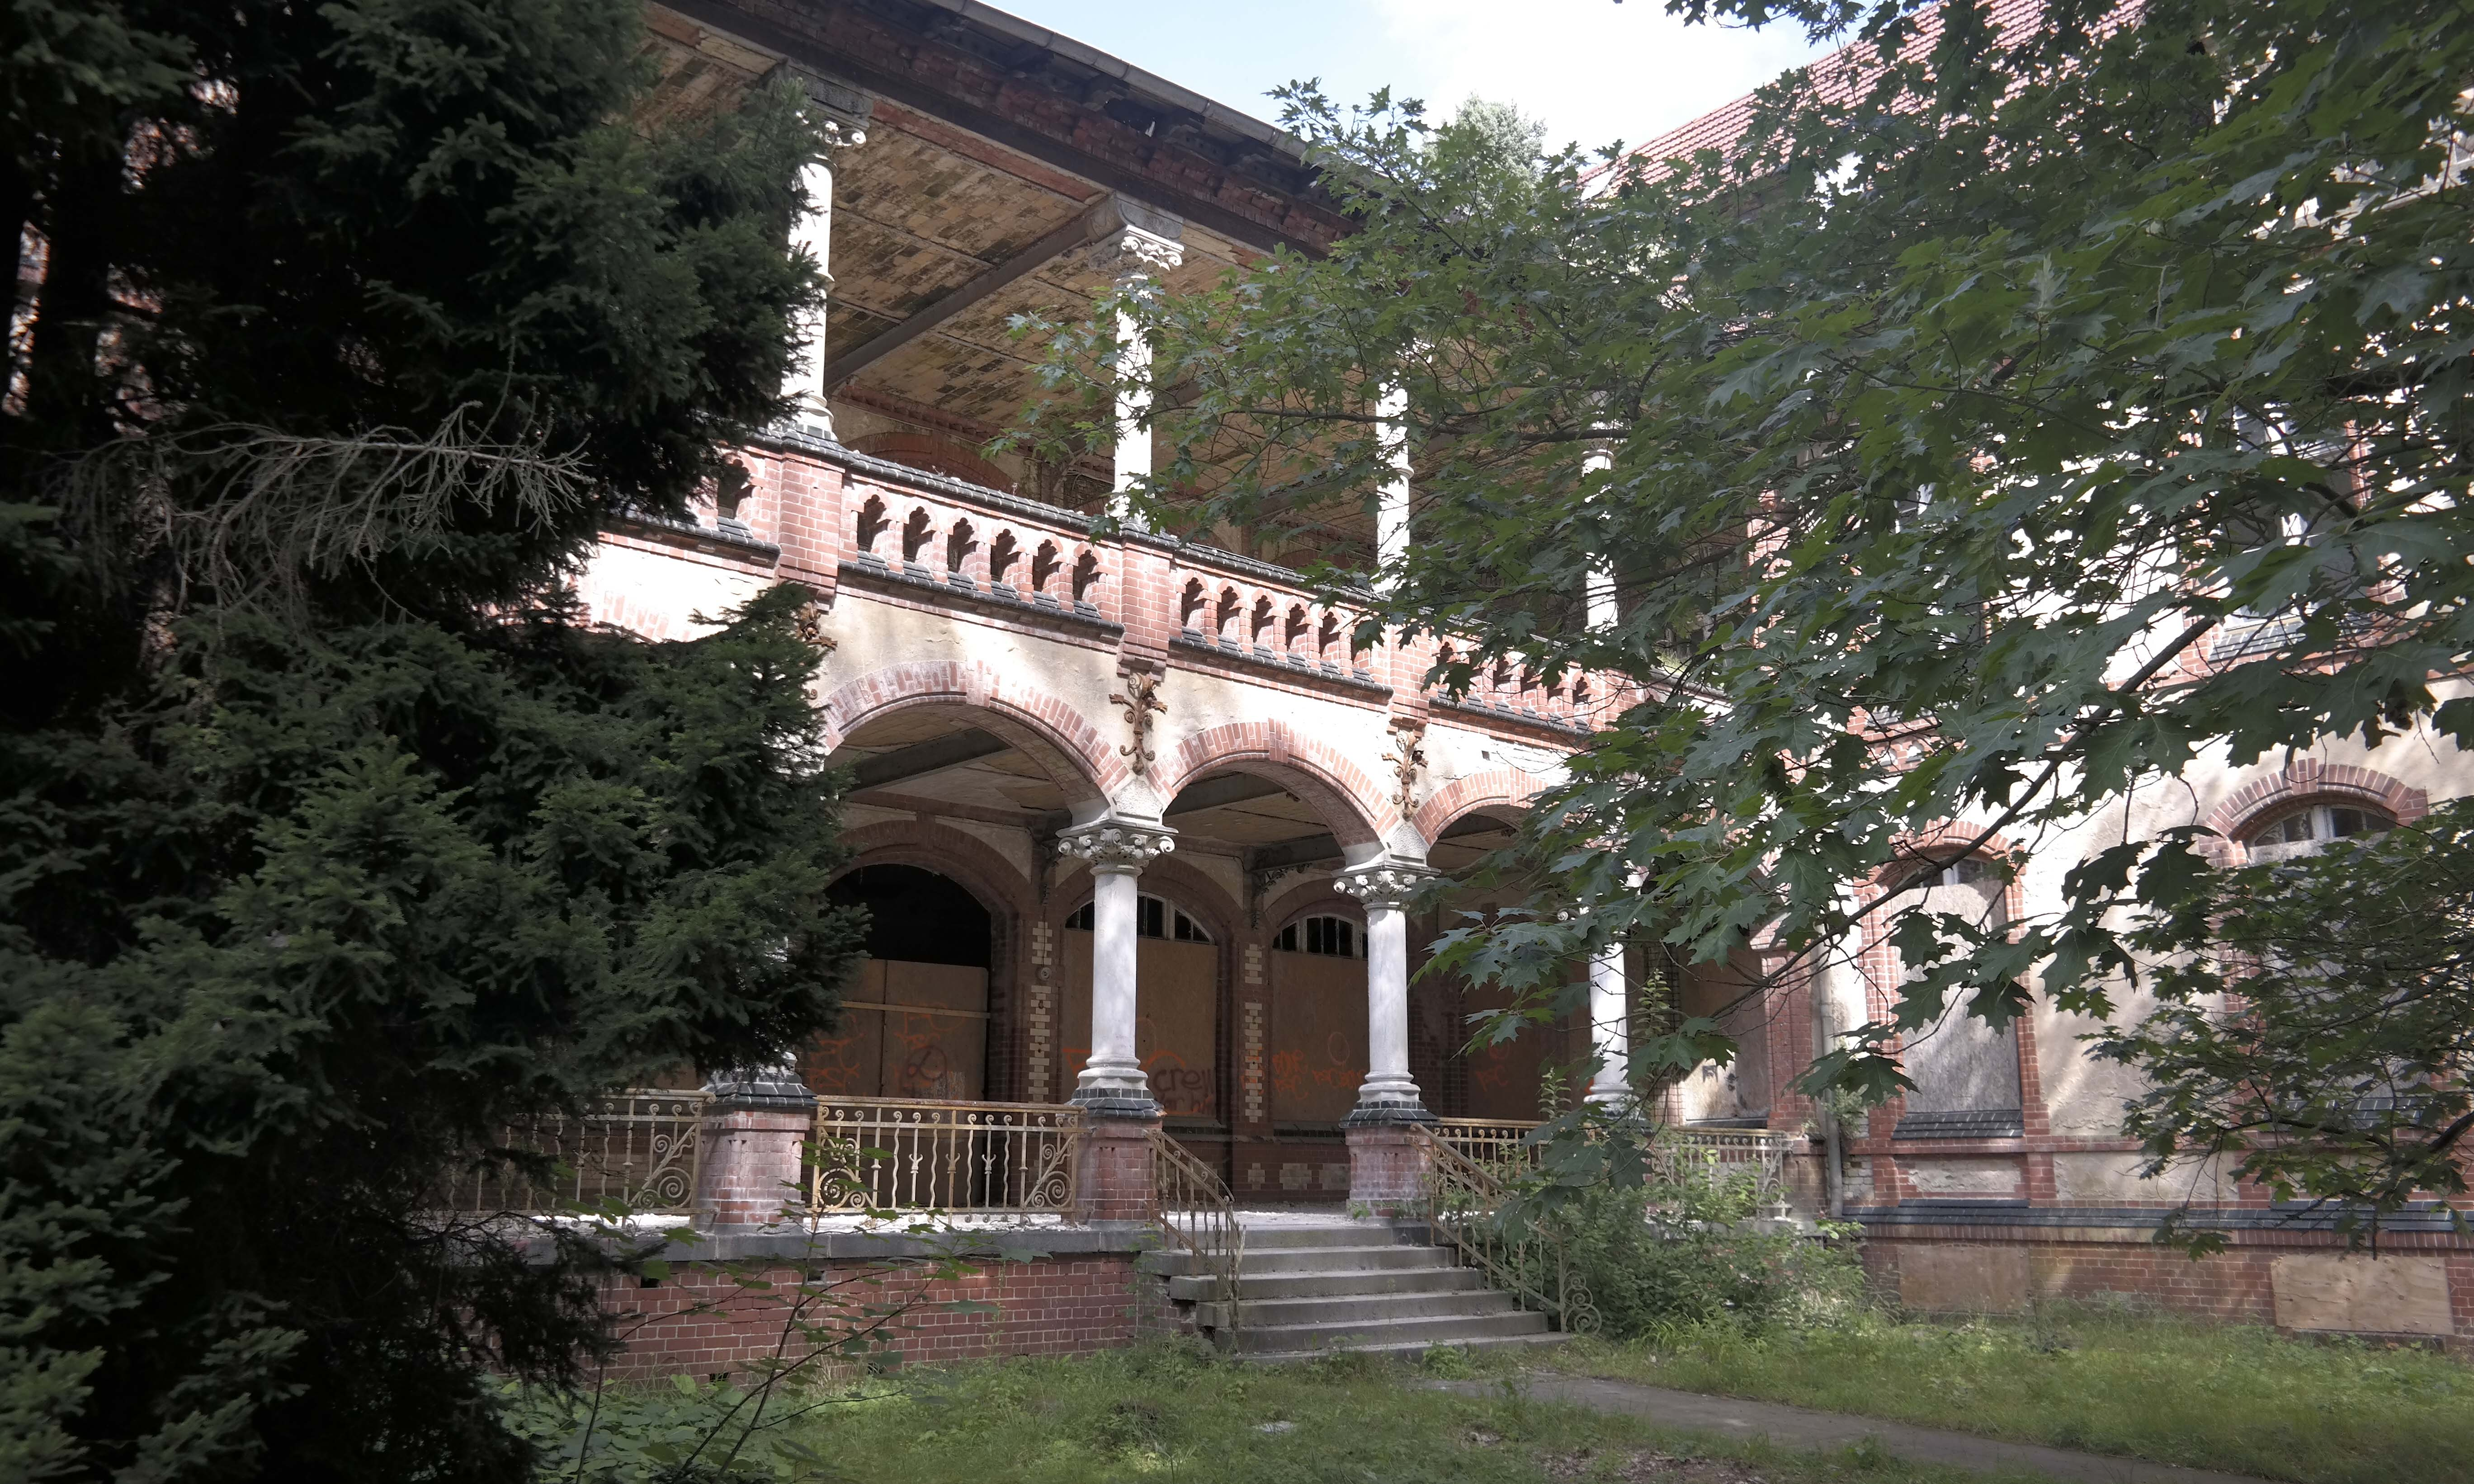 Leerstand in Beelitz-Heilstätten